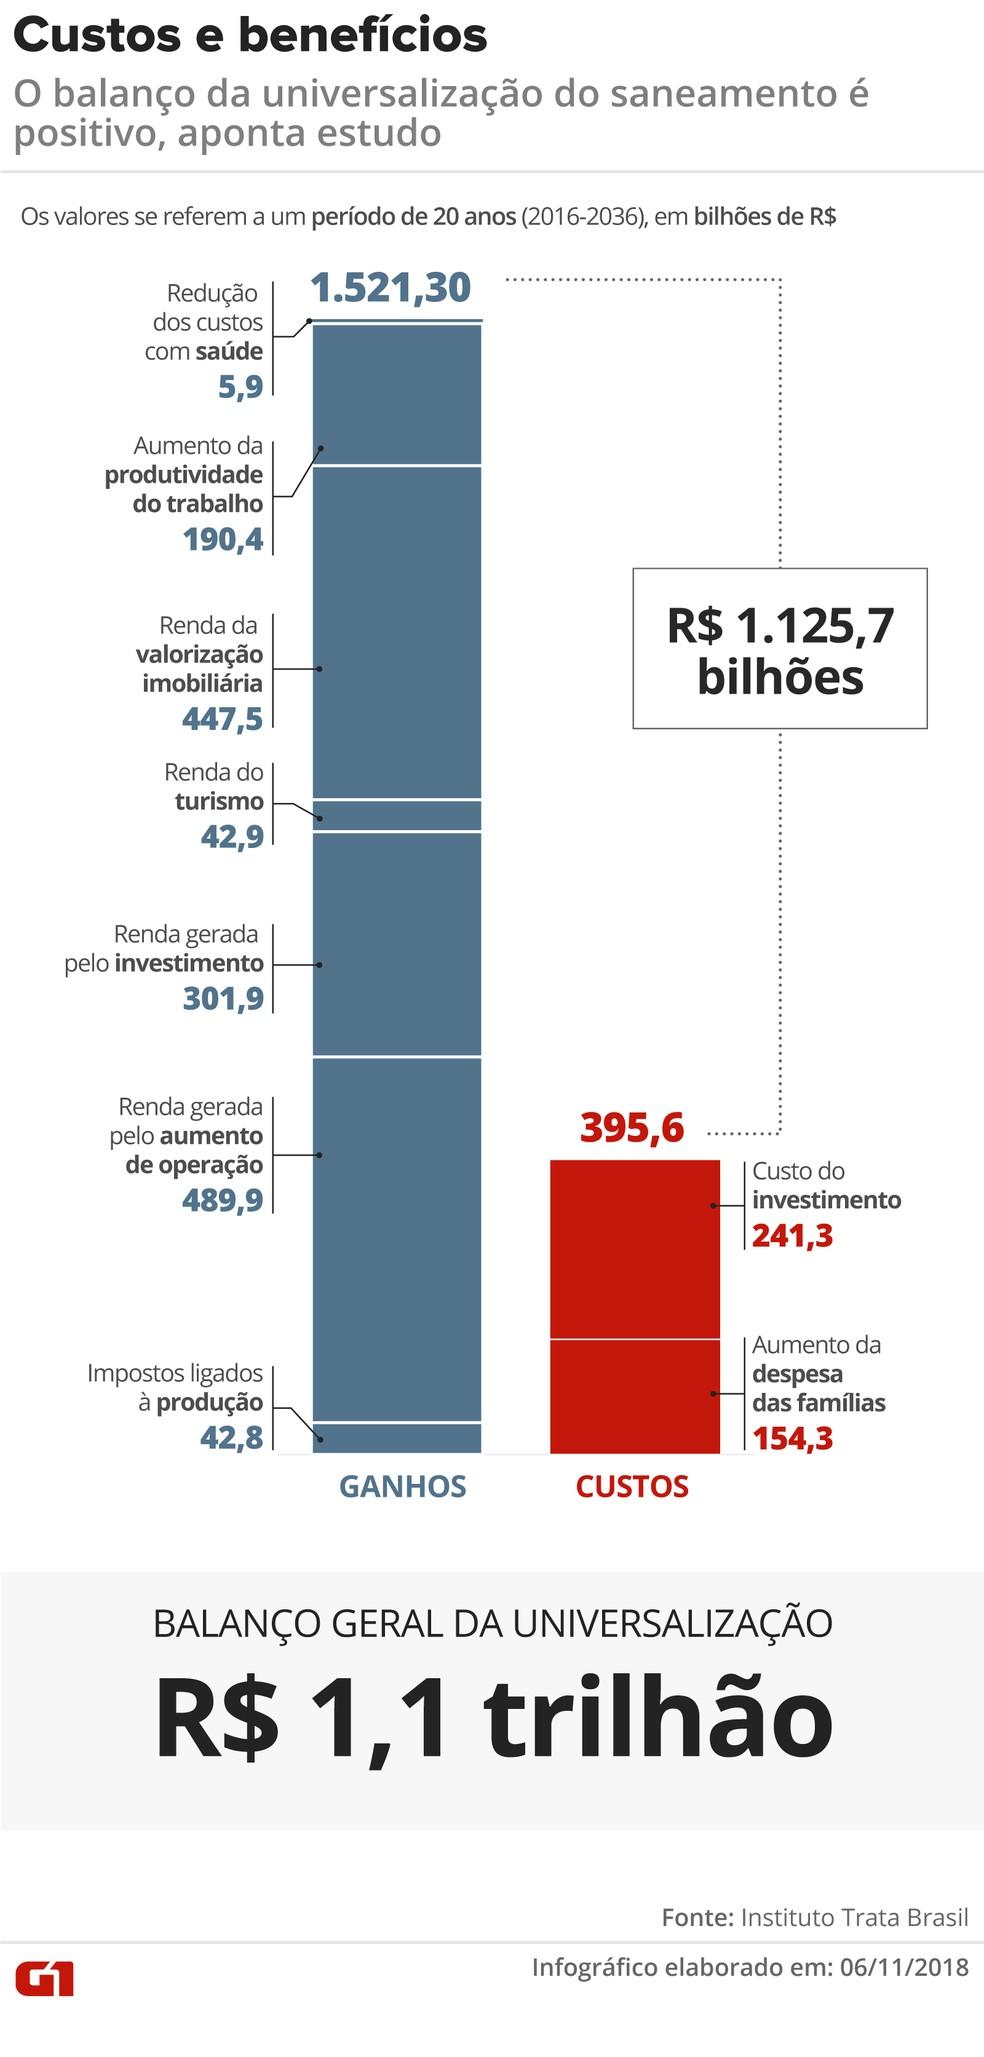 O balanço da universalização do saneamento é positivo, aponta estudo do Instituto Trata Brasil — Foto: Juliane Monteiro/G1